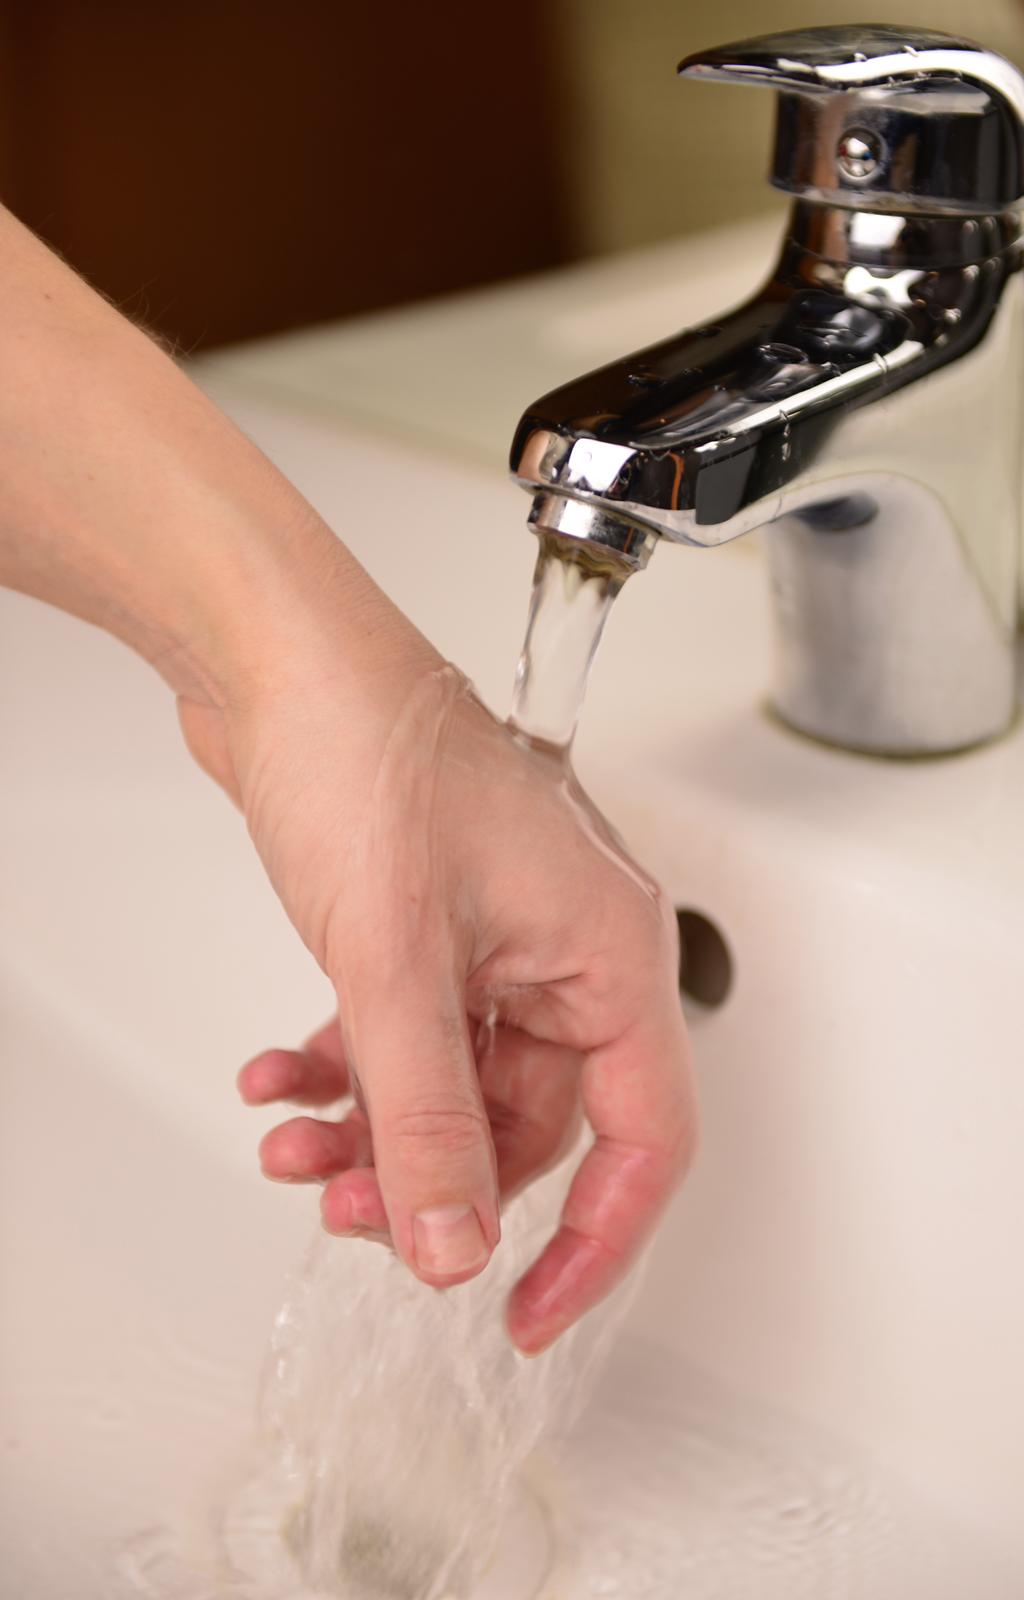 Zdjęcie ręki pod bieżącą wodą